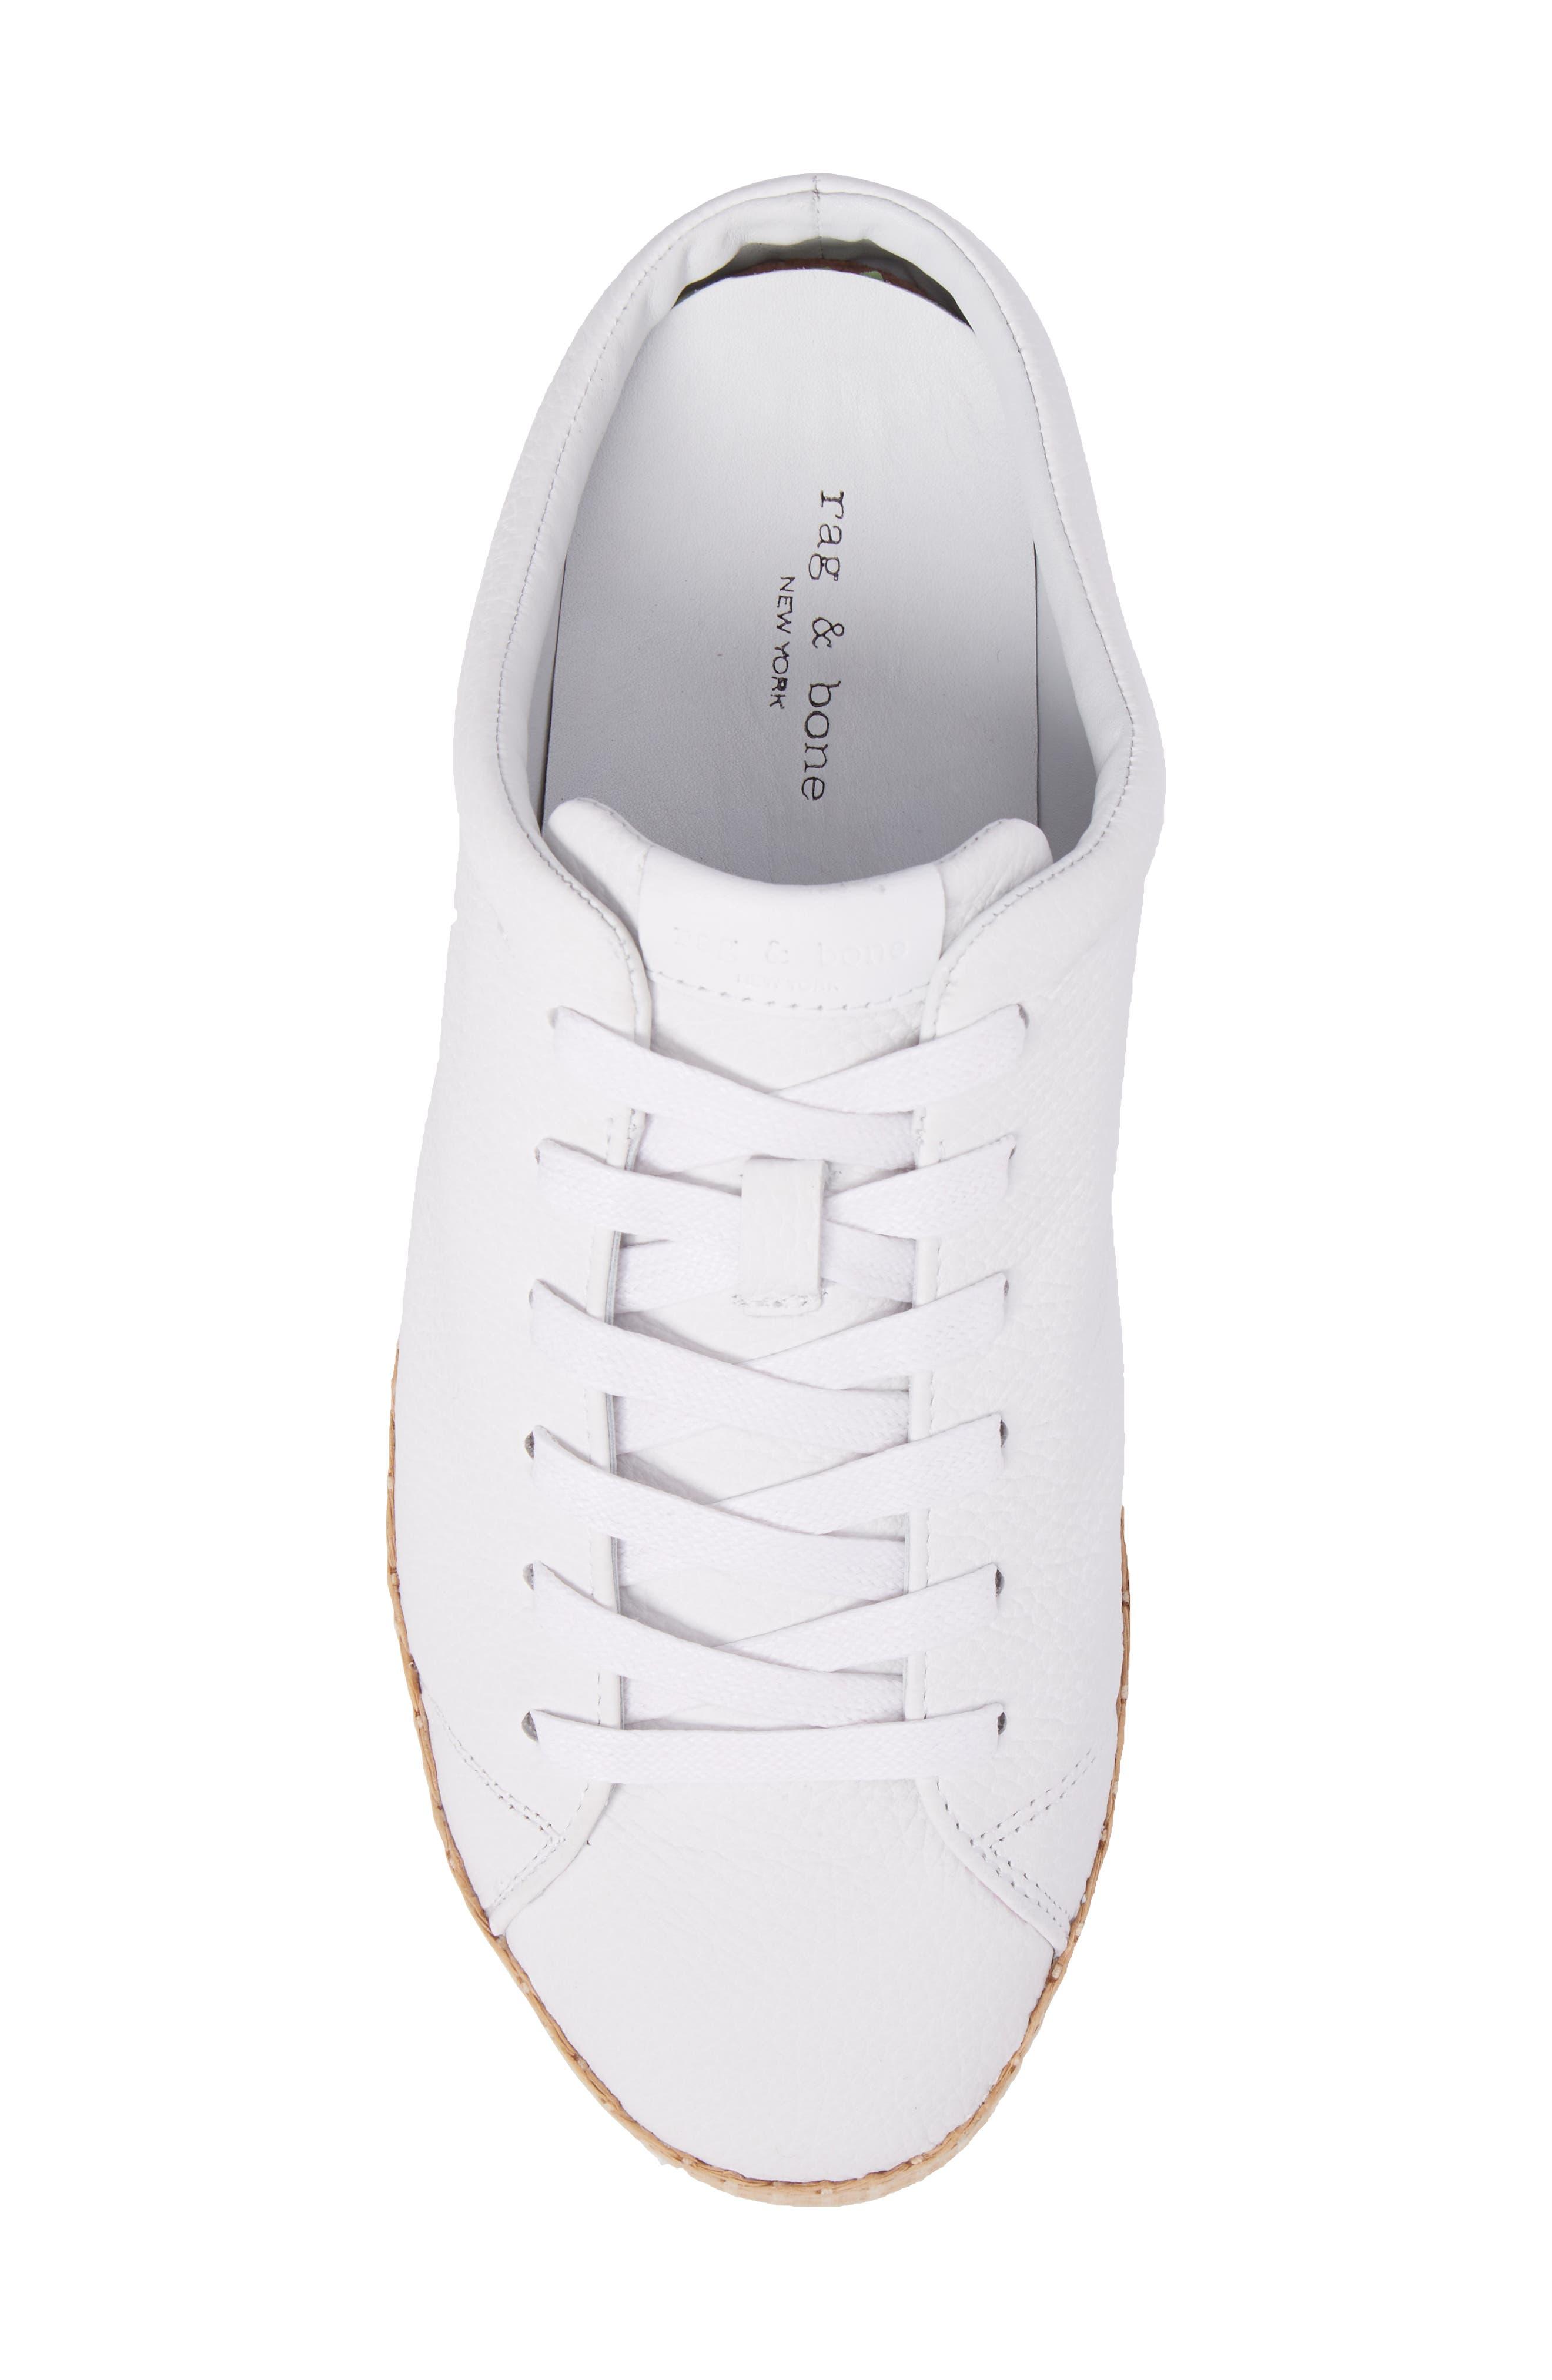 RB1 Slip-On Sneaker,                             Alternate thumbnail 15, color,